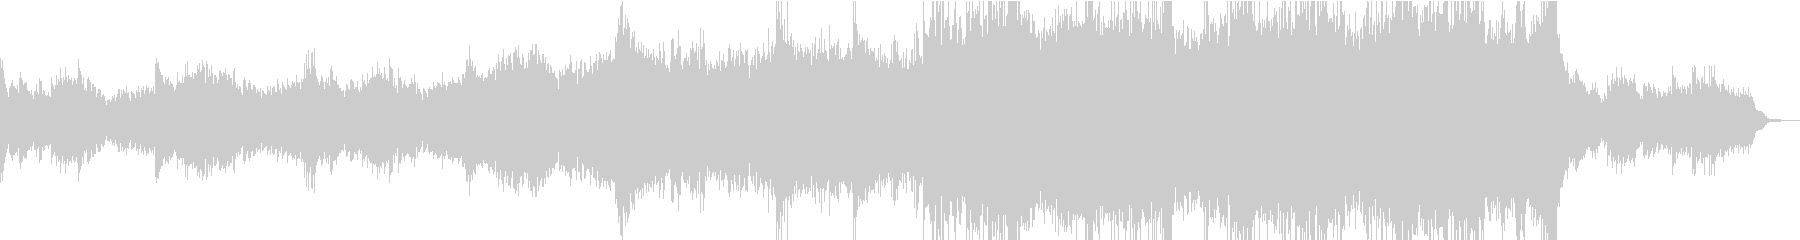 ピアノのシーケンスから盛り上がる曲の未再生の波形